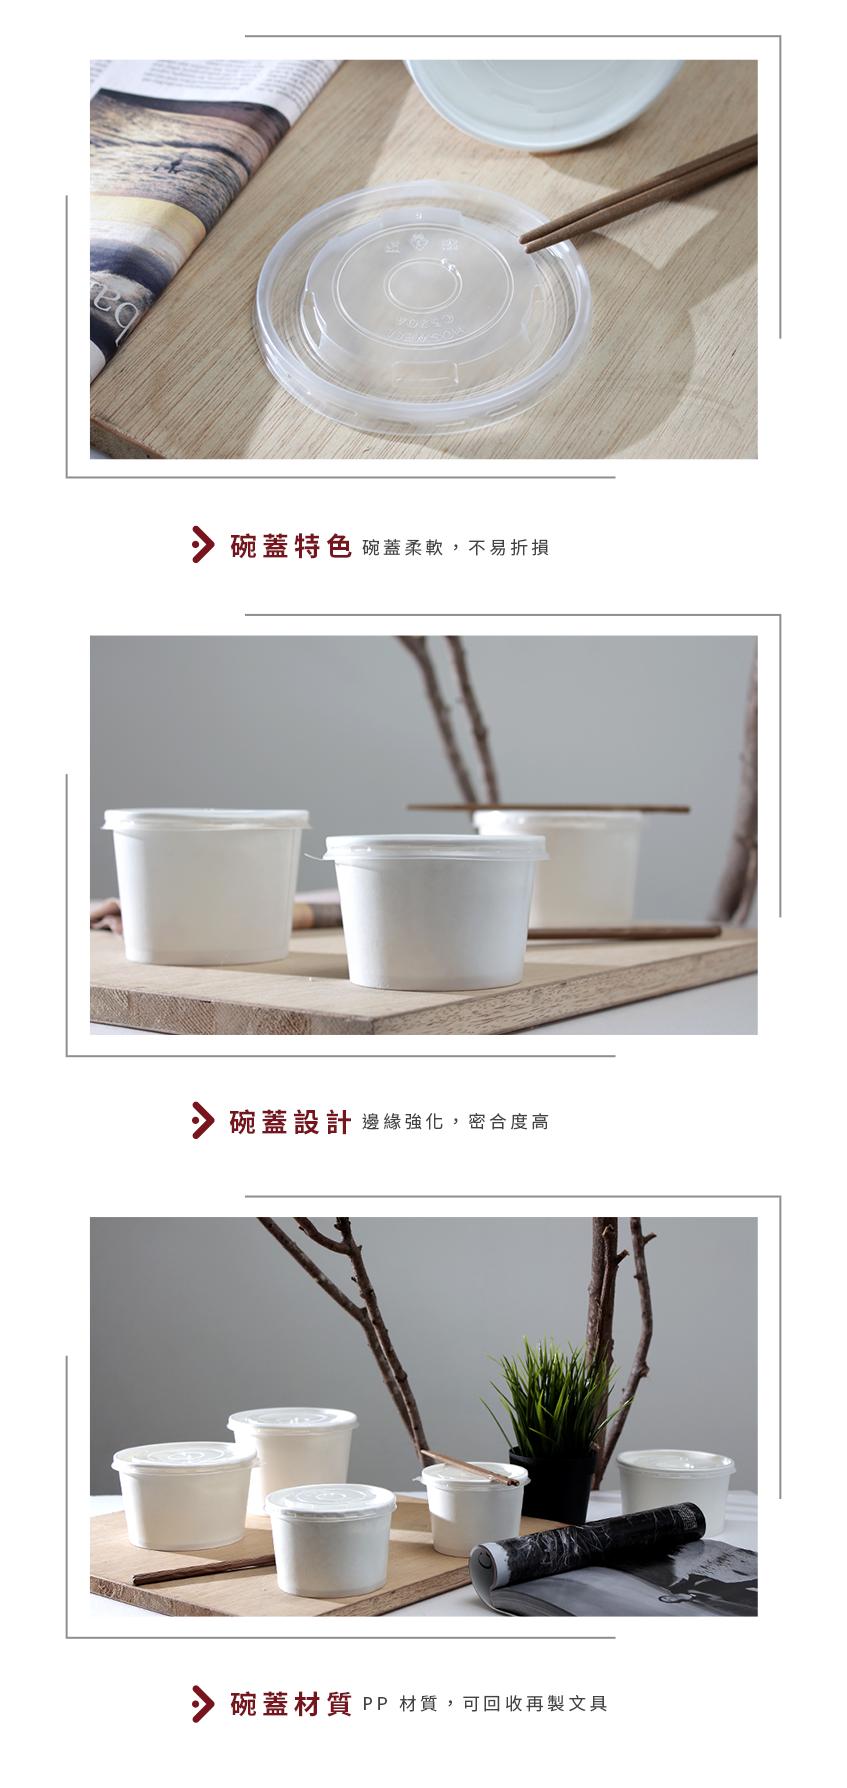 PP湯碗蓋 丼飯碗蓋 透明蓋 不可加熱 PP蓋 塑膠蓋 紙碗蓋 湯碗蓋 520湯碗 112口徑